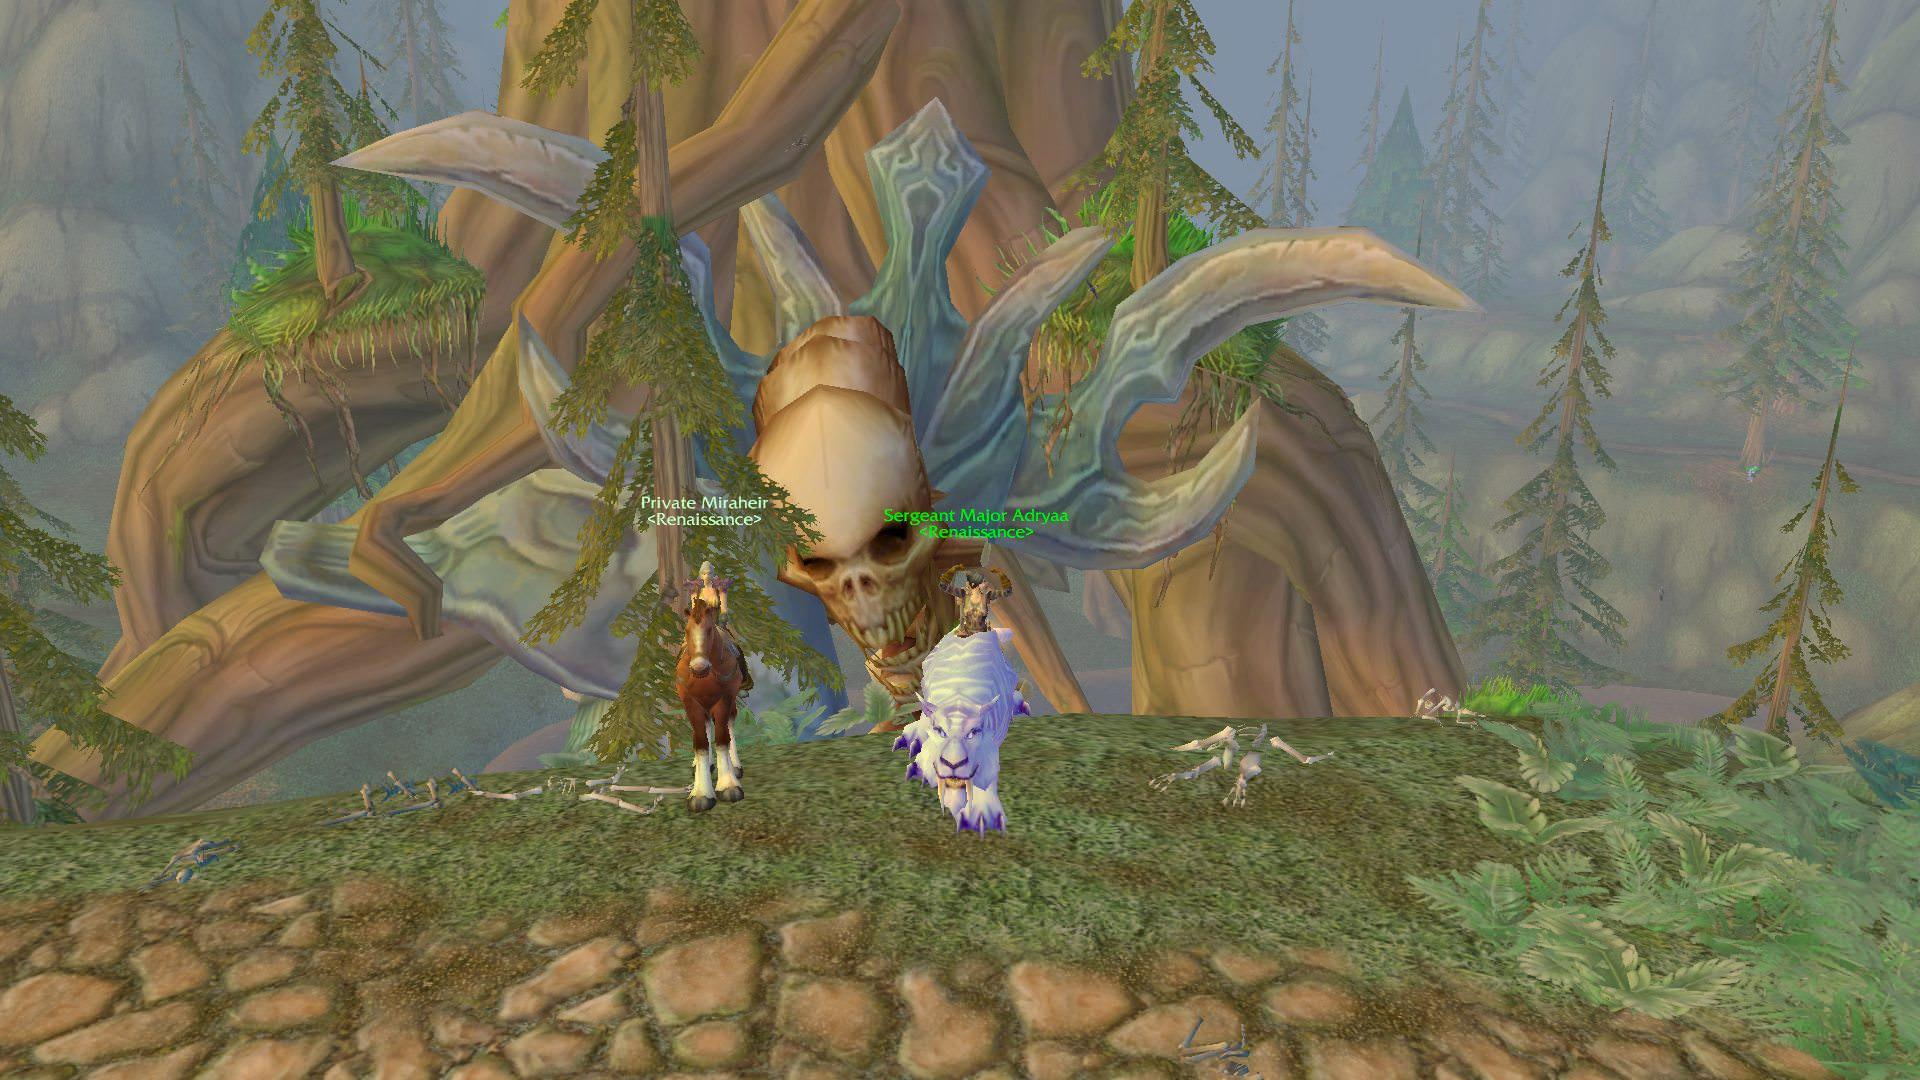 Il ne sera pas possible d'explorer Hyjal et de découvrir le squelette d'Archimonde